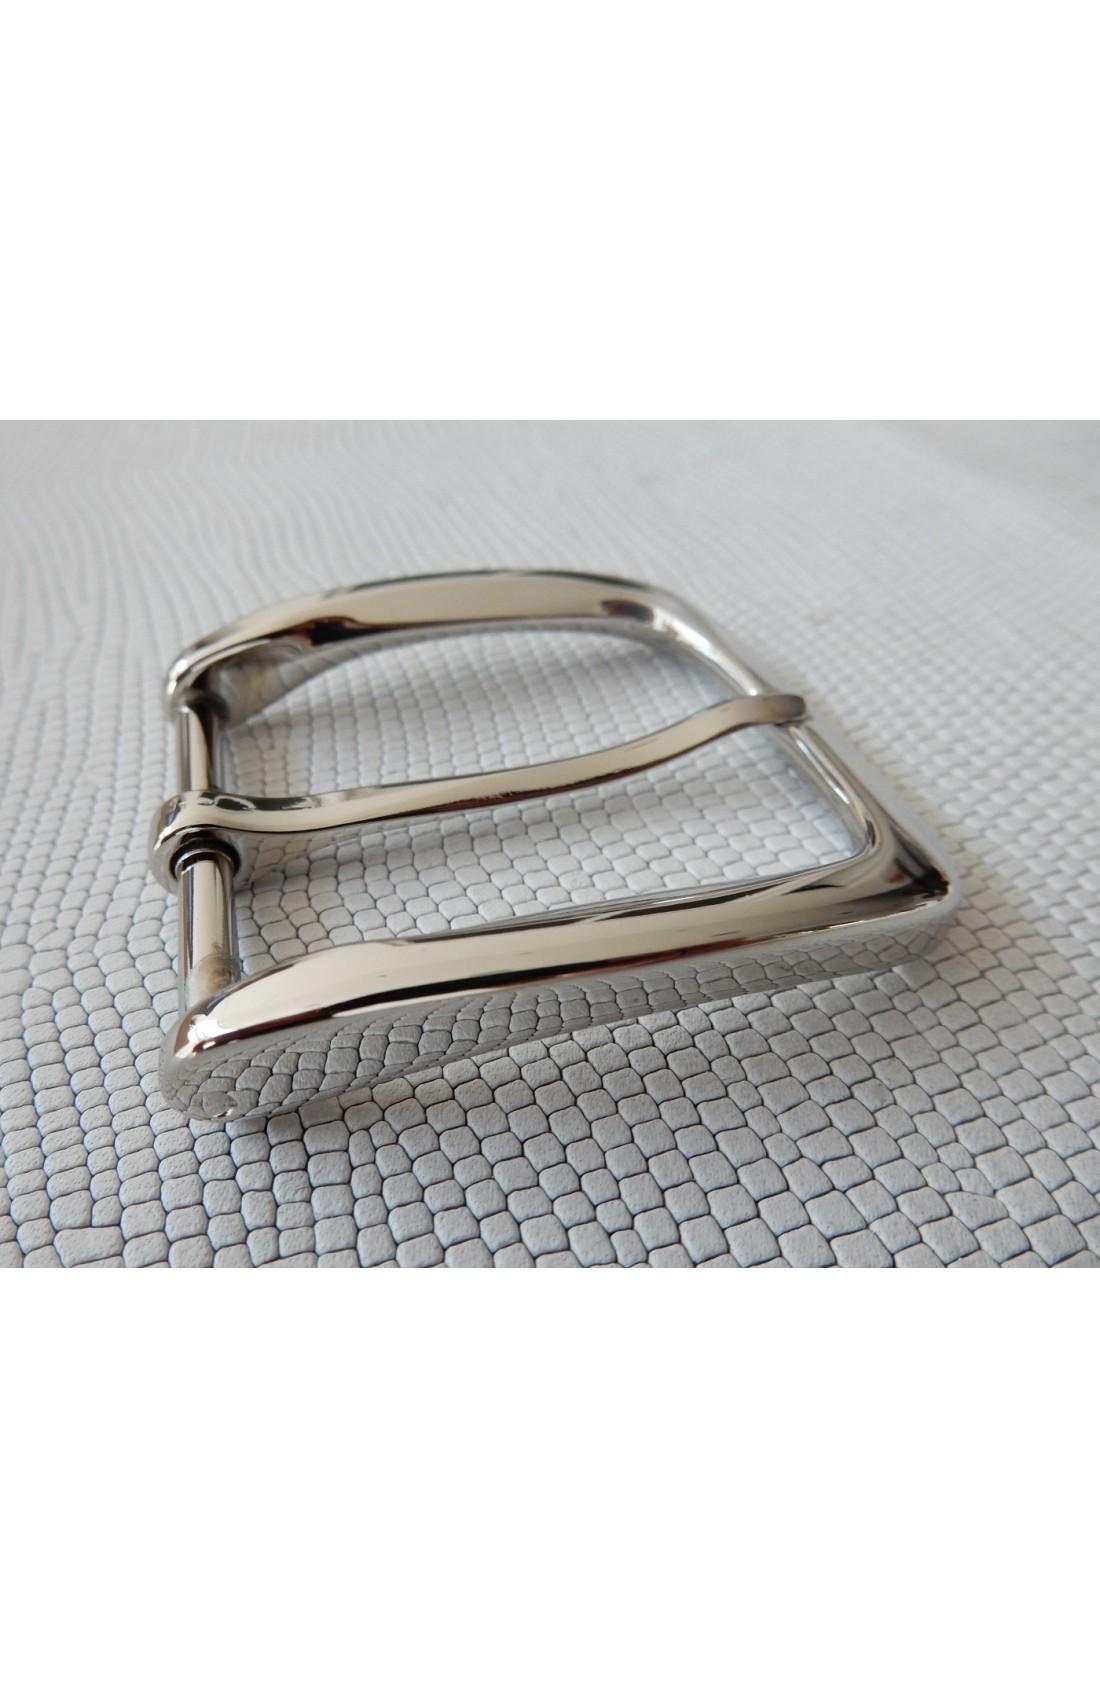 Fibbia Standard L 112 mm.35 nikel free (2)